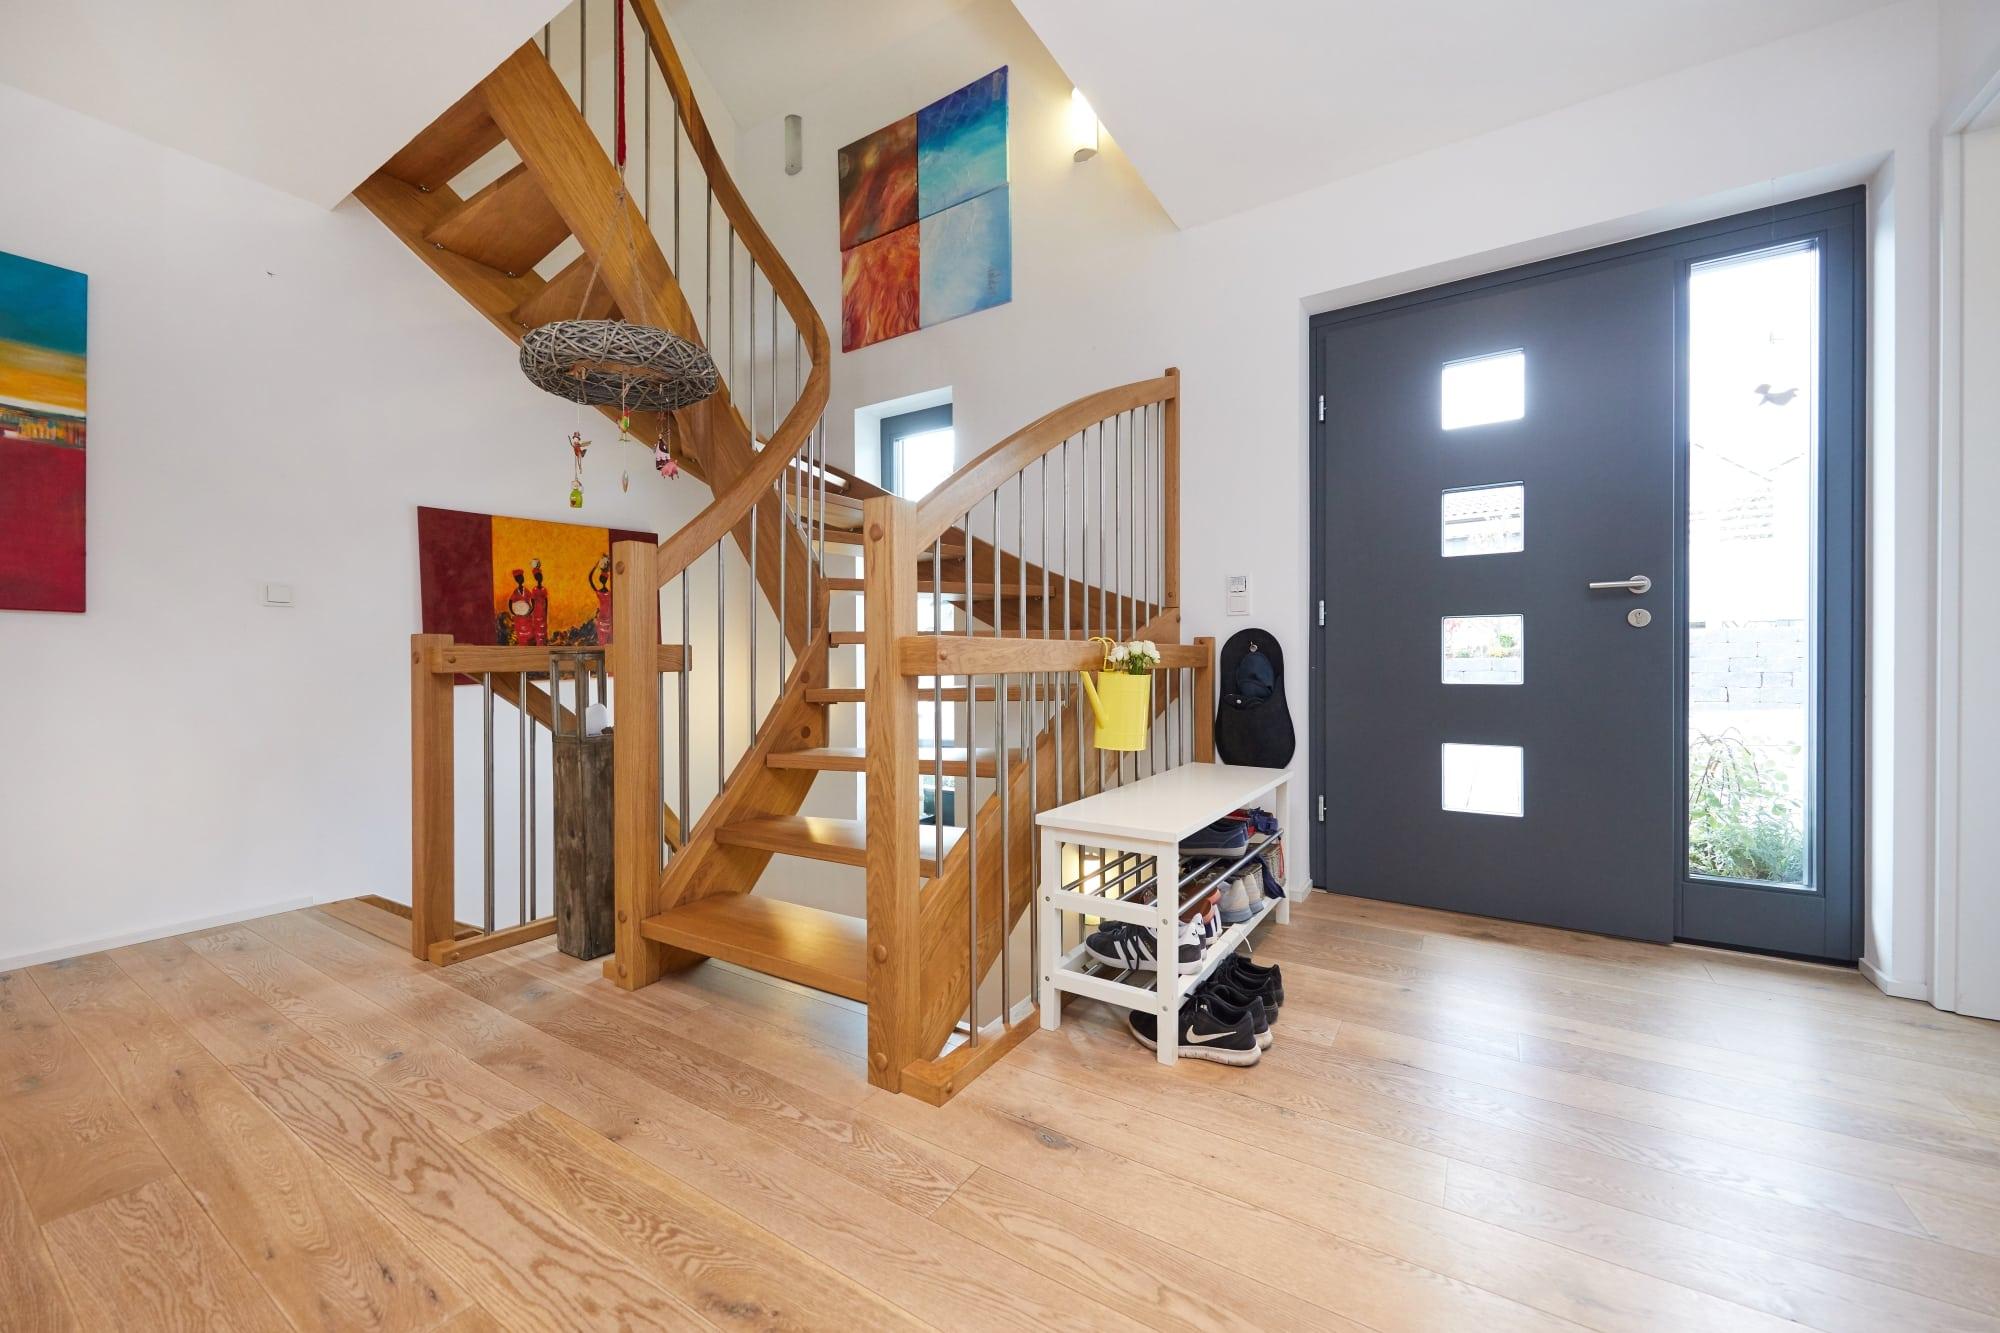 Treppenhaus Zweifamilienhaus Eingangsbereich - Inneneinrichtung Fertighaus Parma von GUSSEK HAUS - HausbauDirekt.de